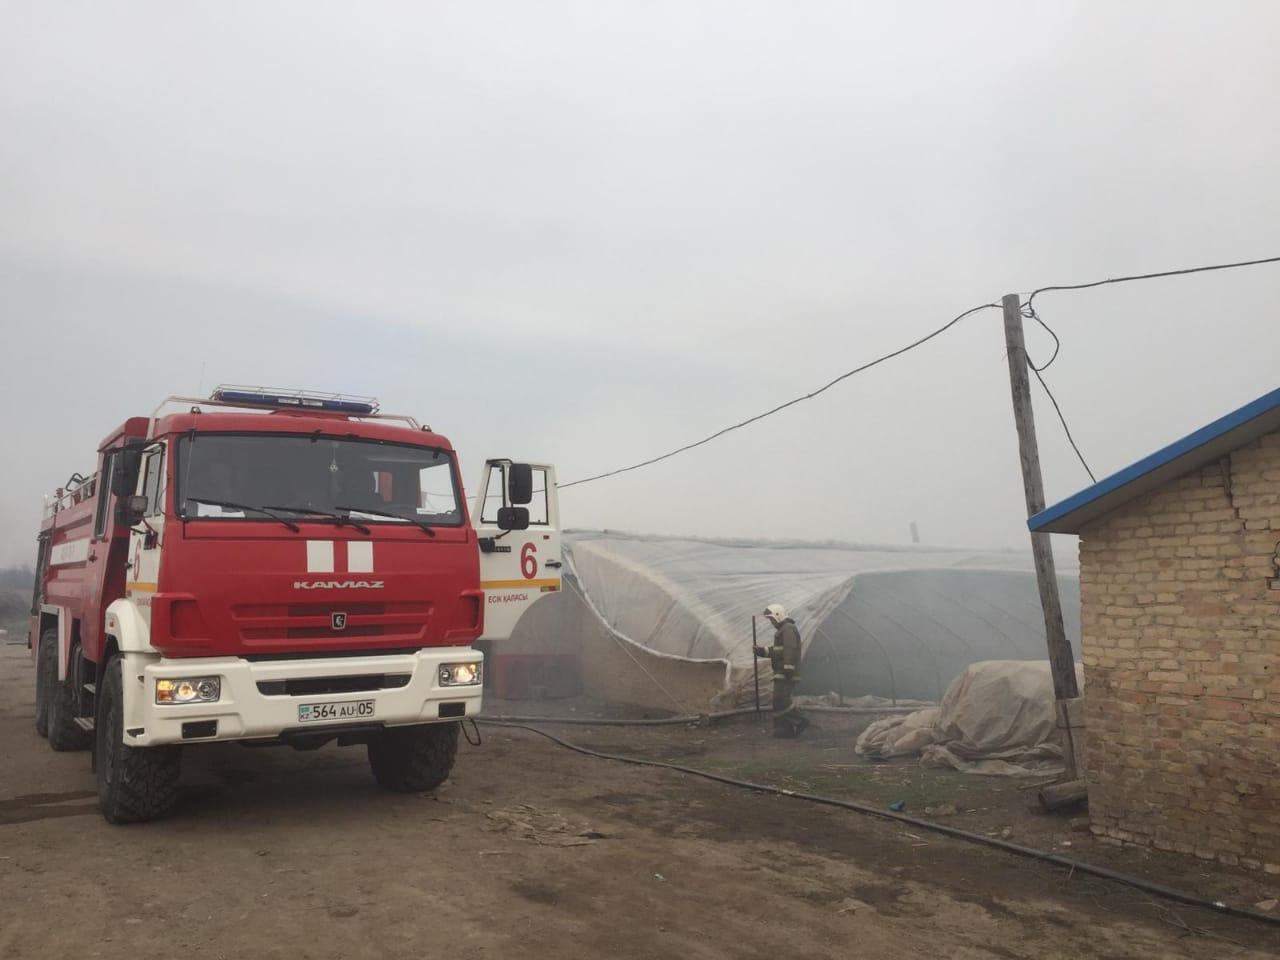 В Алматинской области сгорели три теплицы площадью 1920 квадратных метров